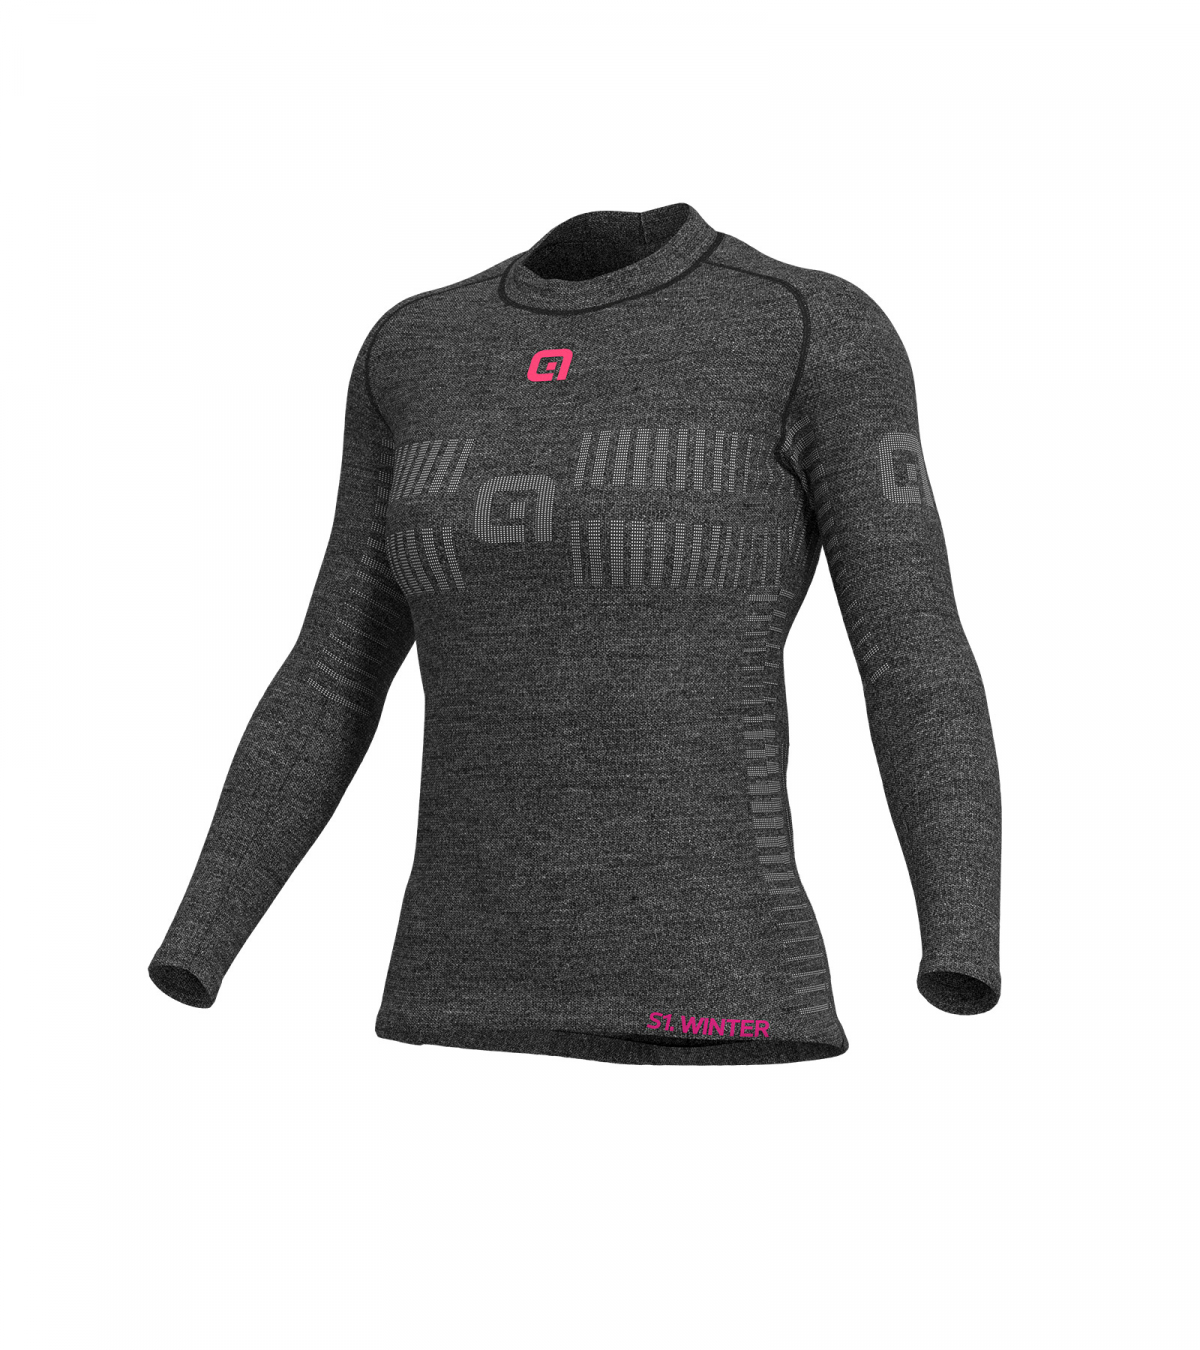 L08440318-seamless-wool-woman-underwear-grey-side-front-1_1200_1350